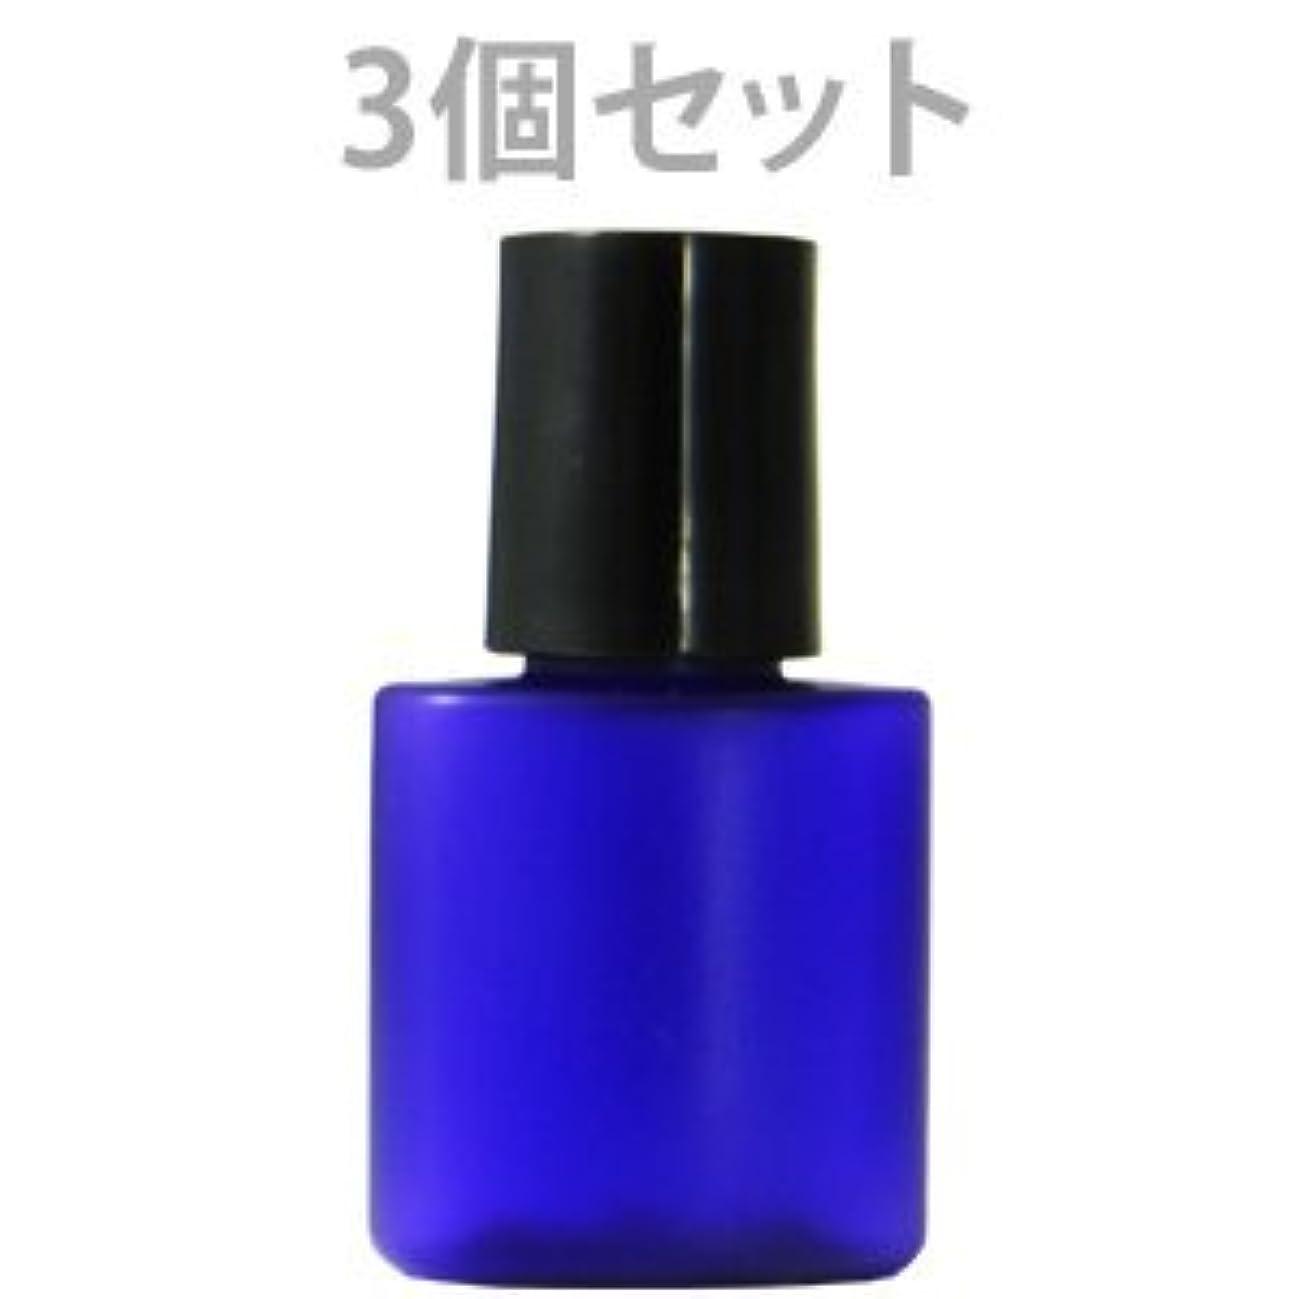 急流カヌーキリン遮光ミニプラボトル容器 10ml (青) (3個セット)